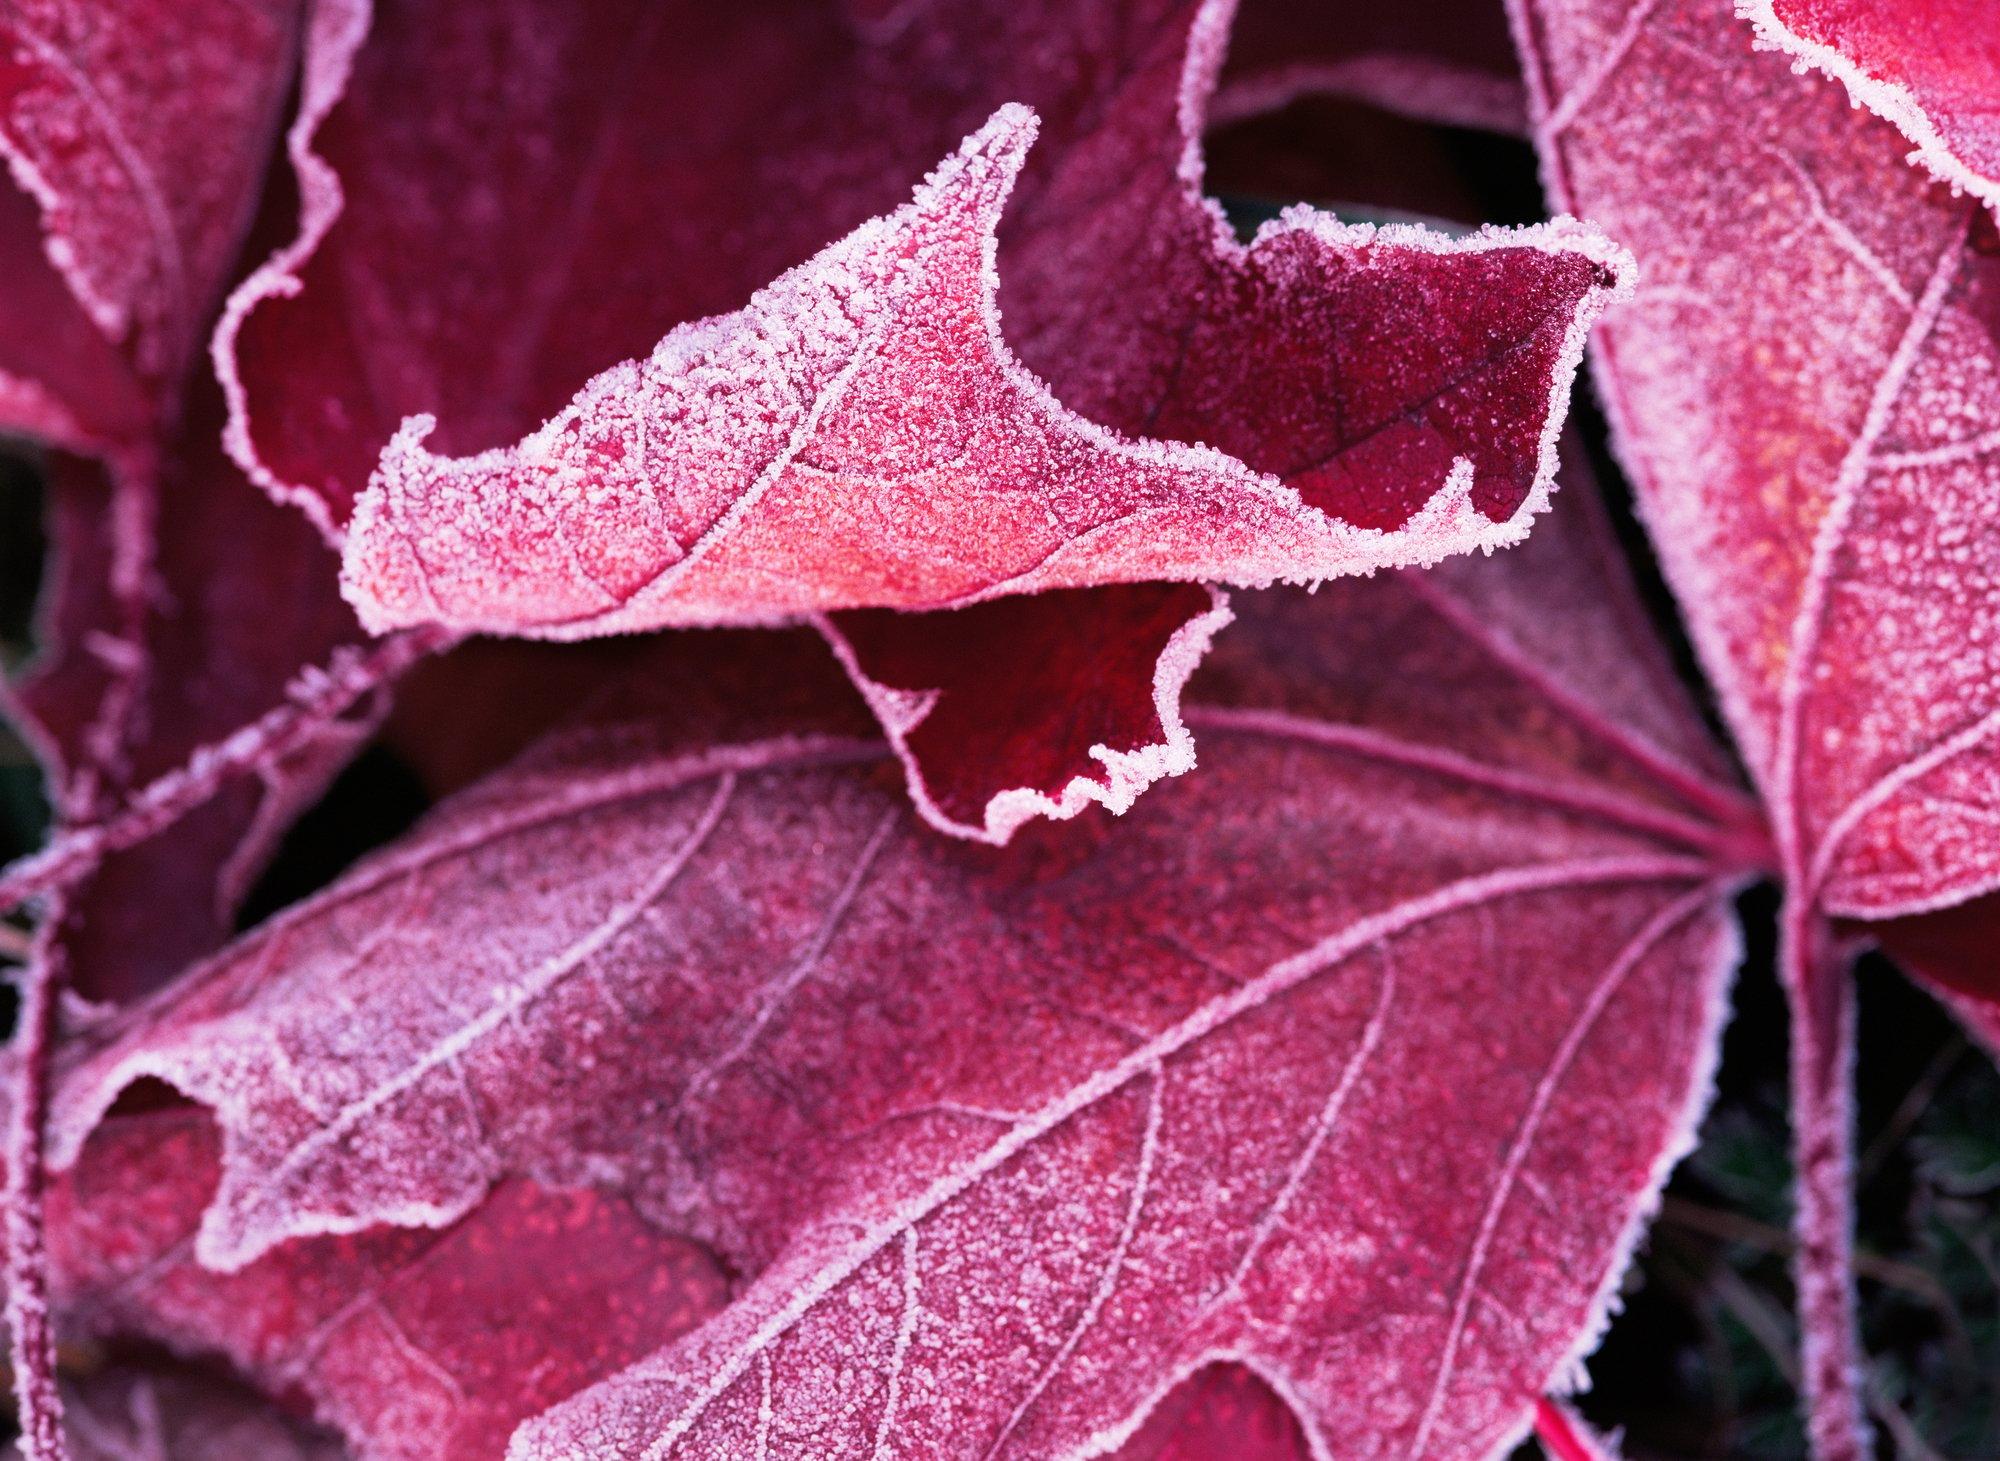 Frost on a bigleaf maple leaf